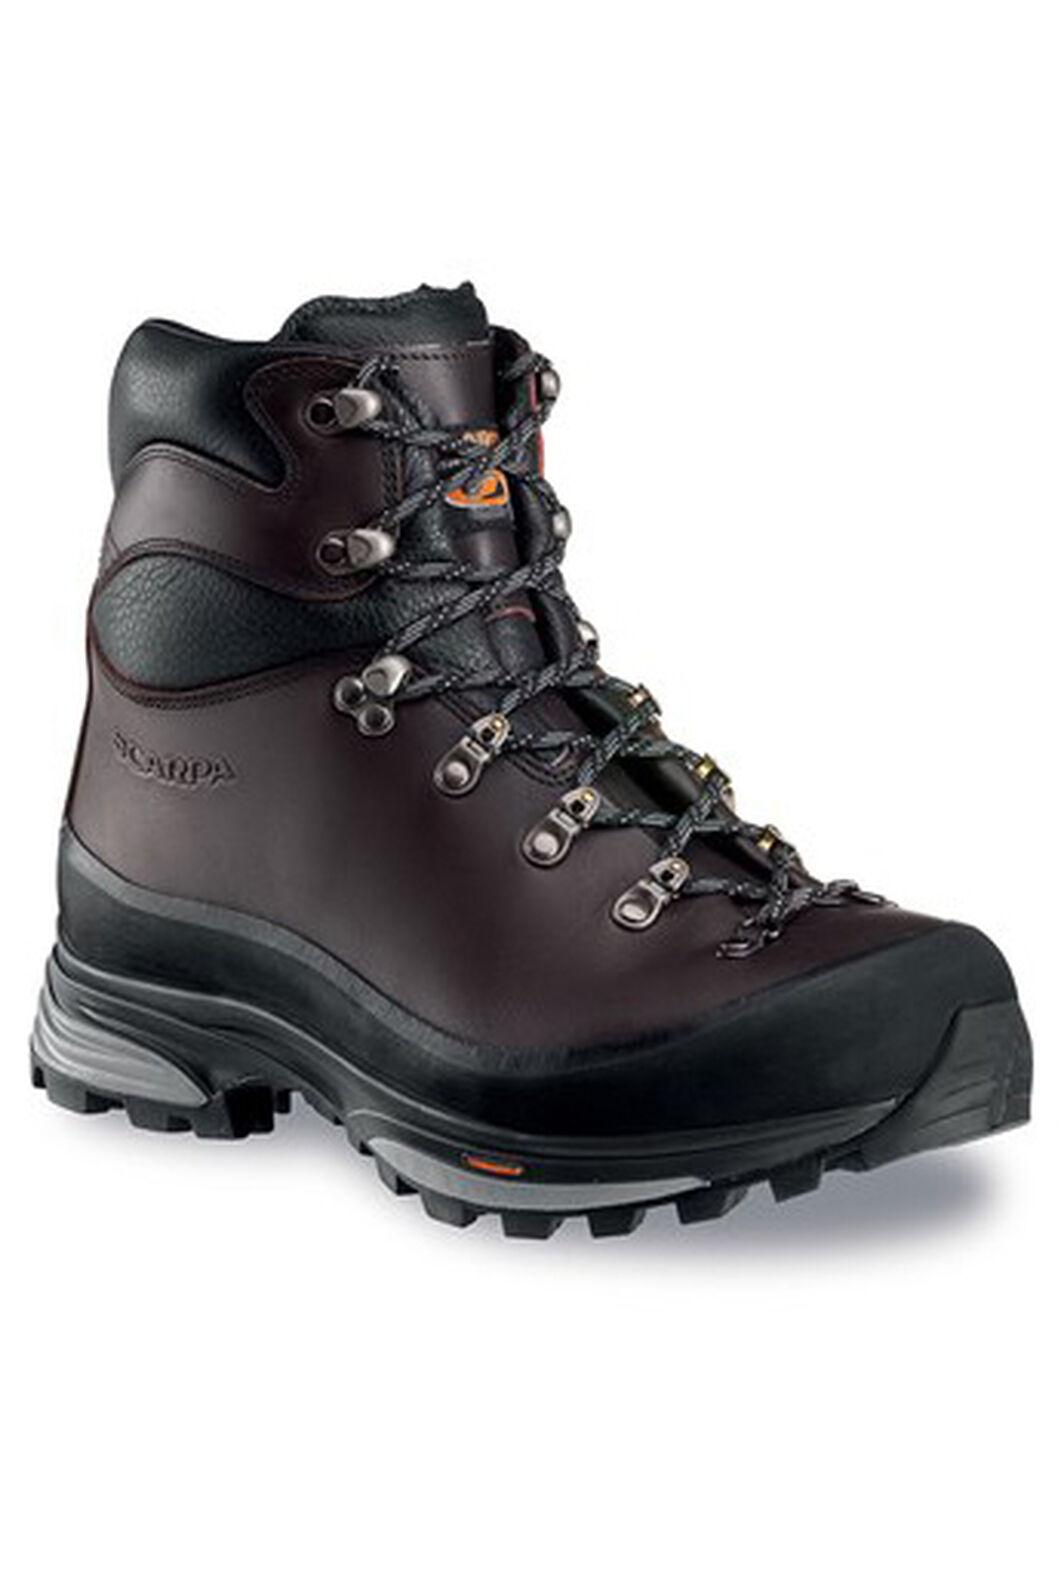 Scarpa SL Active Fit Boots - Men's, Bordo, hi-res